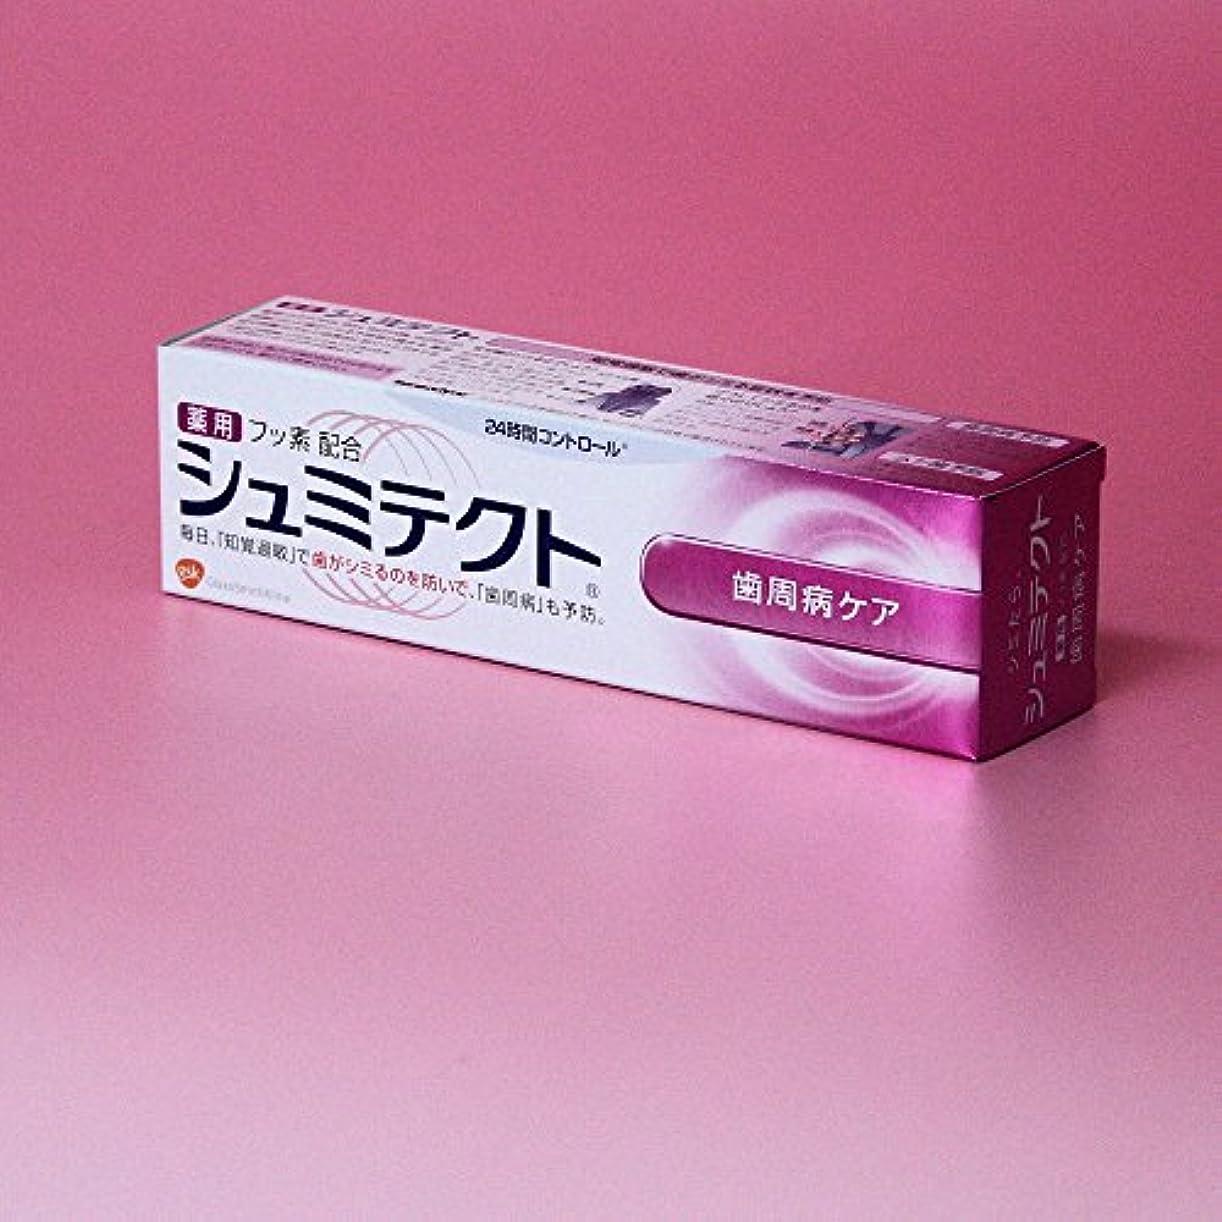 異常ピンク見習いアース製薬 シュミテクト 歯周病ケア 90g